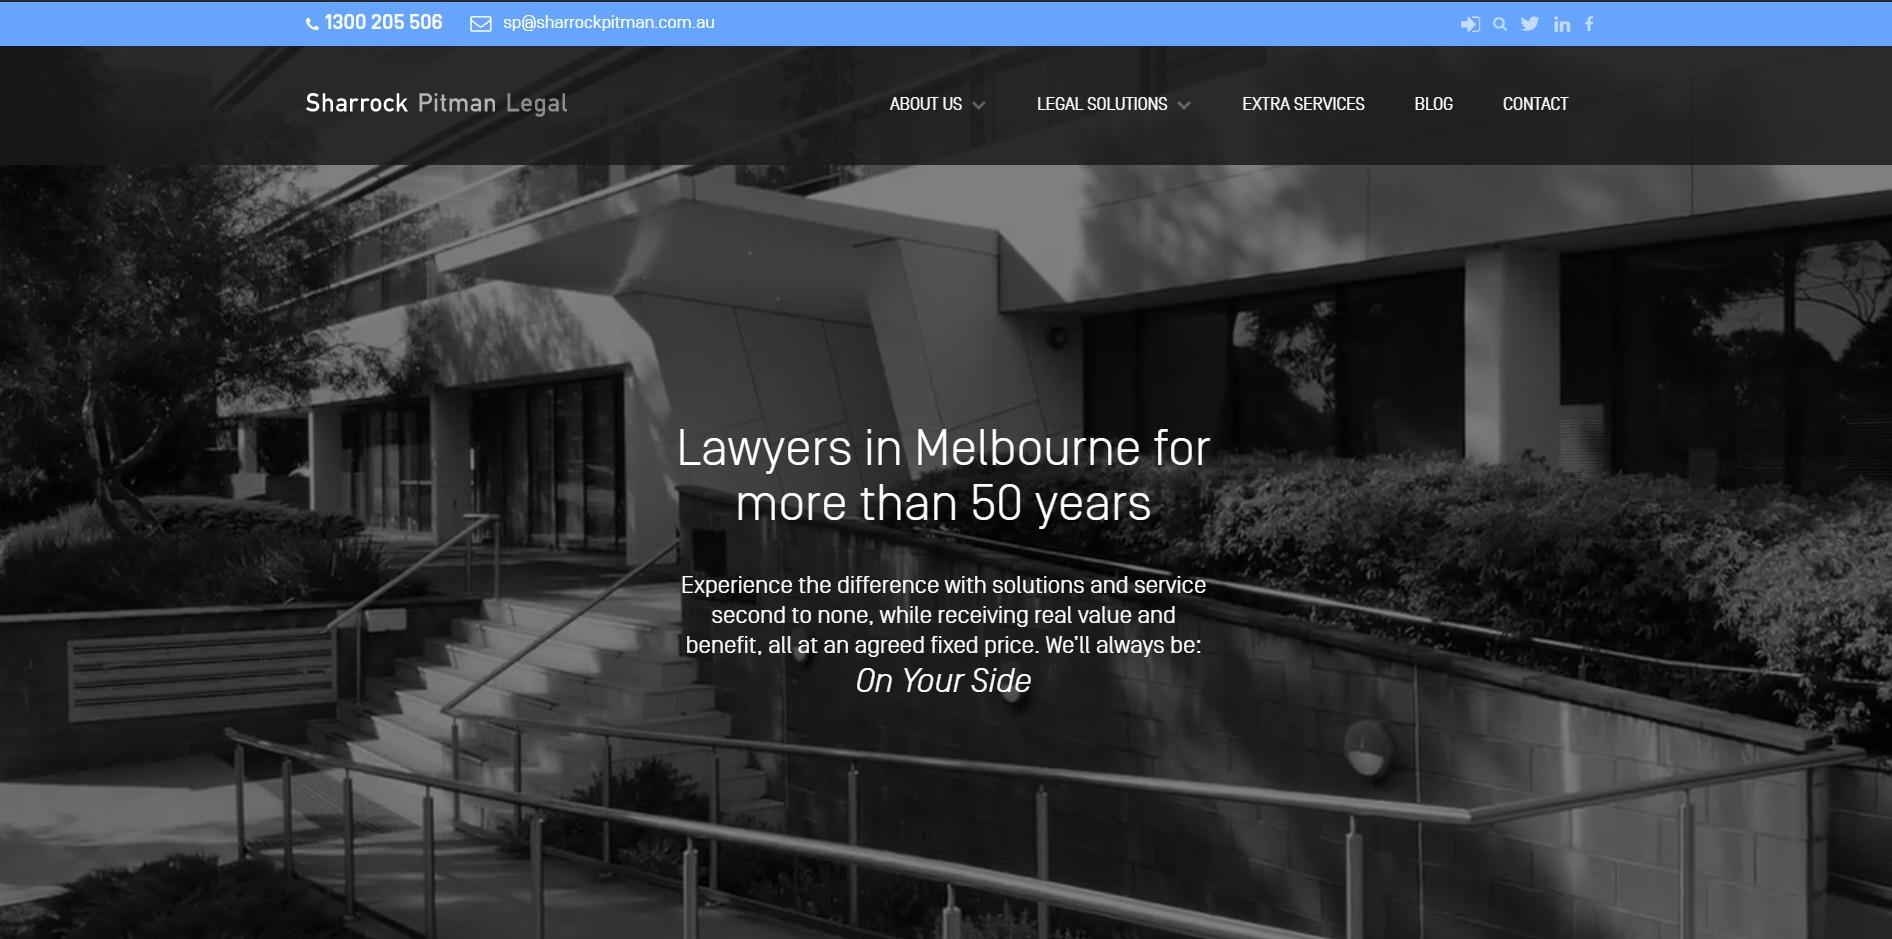 Sharrock Pitman Legal